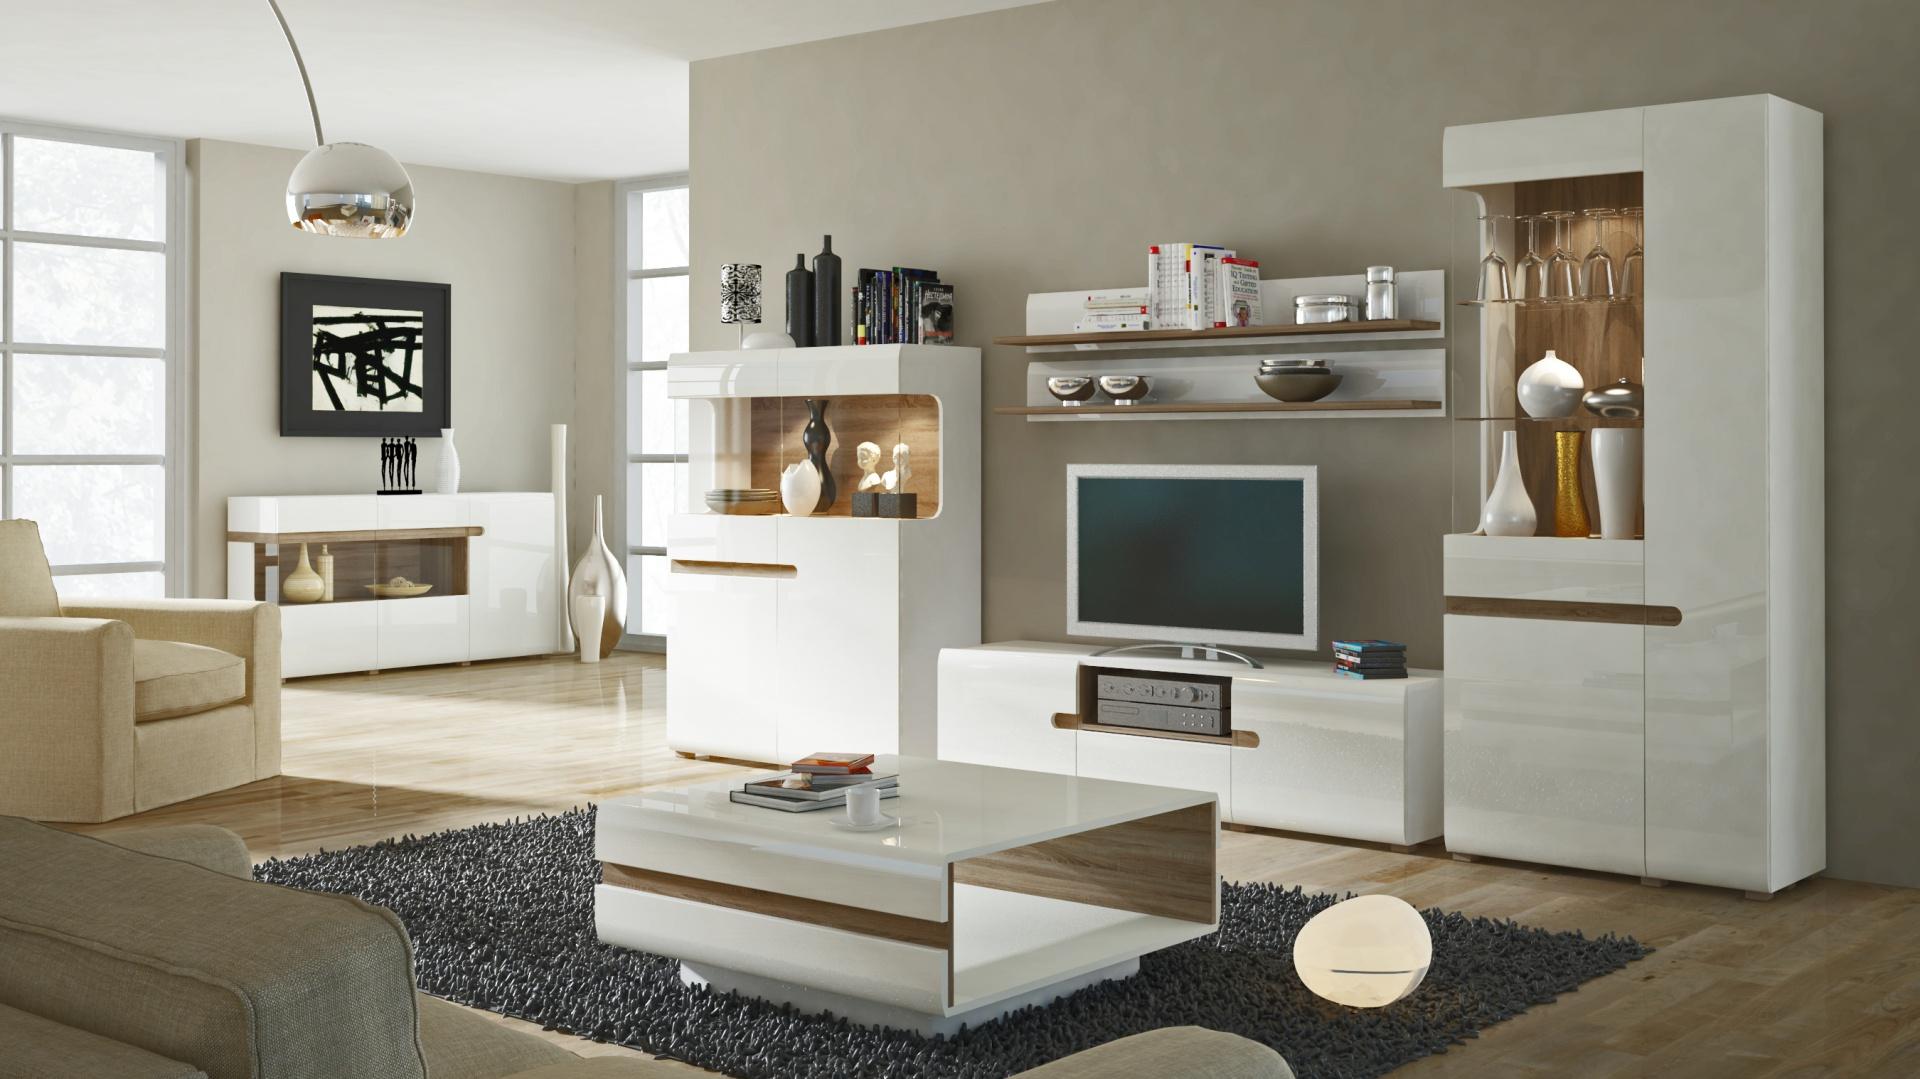 a3ae4997eed0ab Kolekcja mebli Linate z oferty marki Meble Wójcik to nieszablonowy design  podążający za najnowszymi trendami.